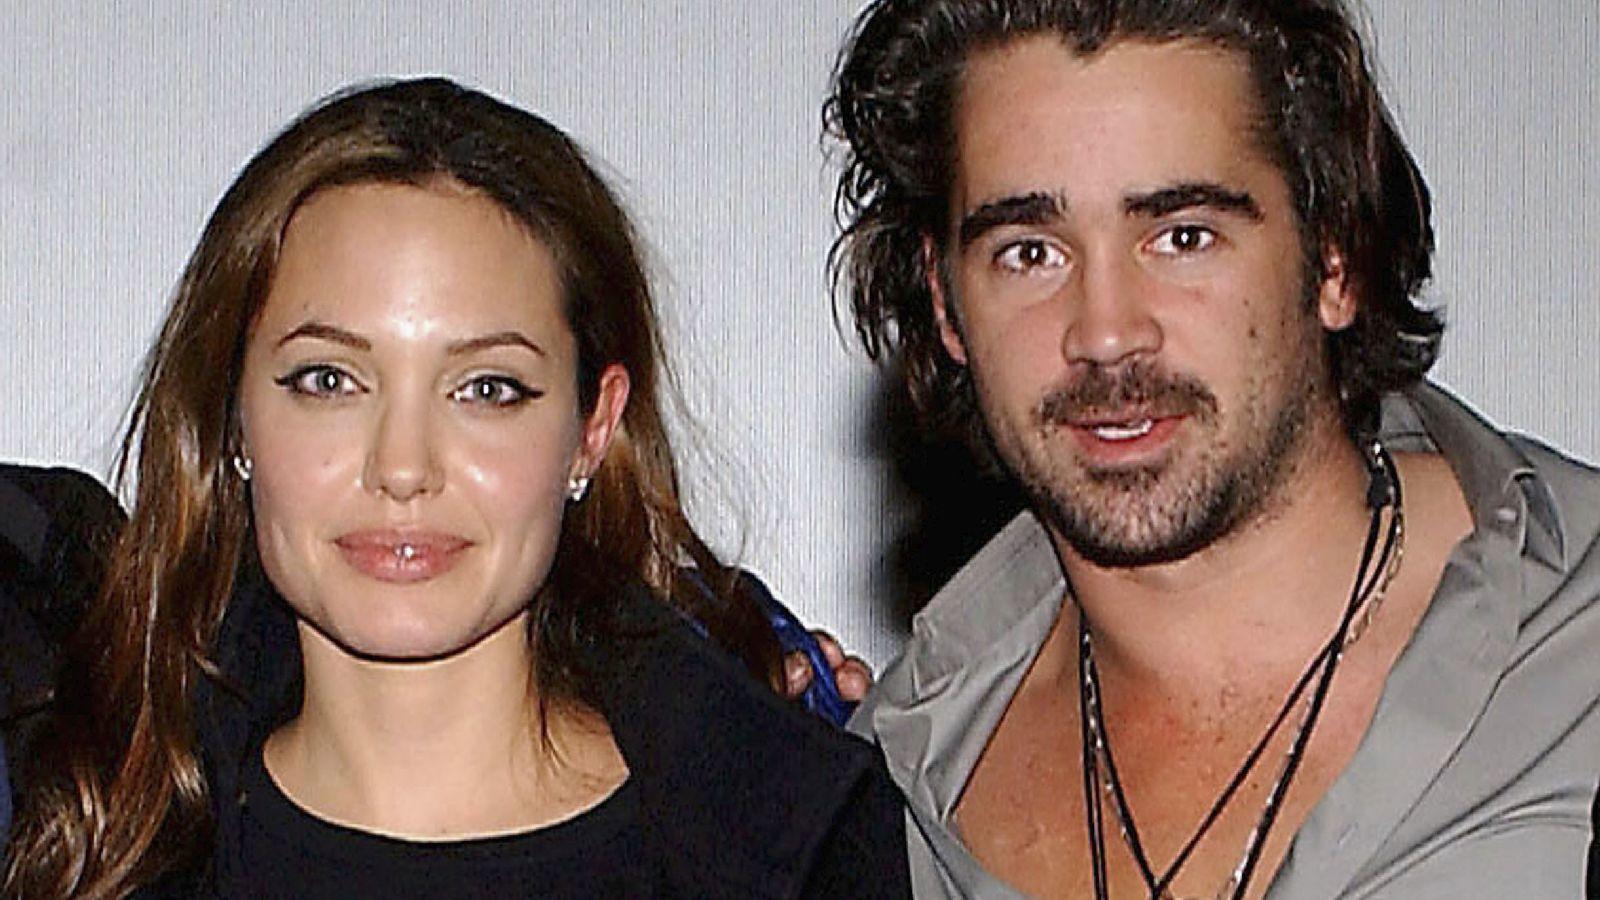 ...Angelina Jolie is. Angie végül  - ahogy ezt mindannyian jól tudjuk - végül révbe ért... Getty Images)